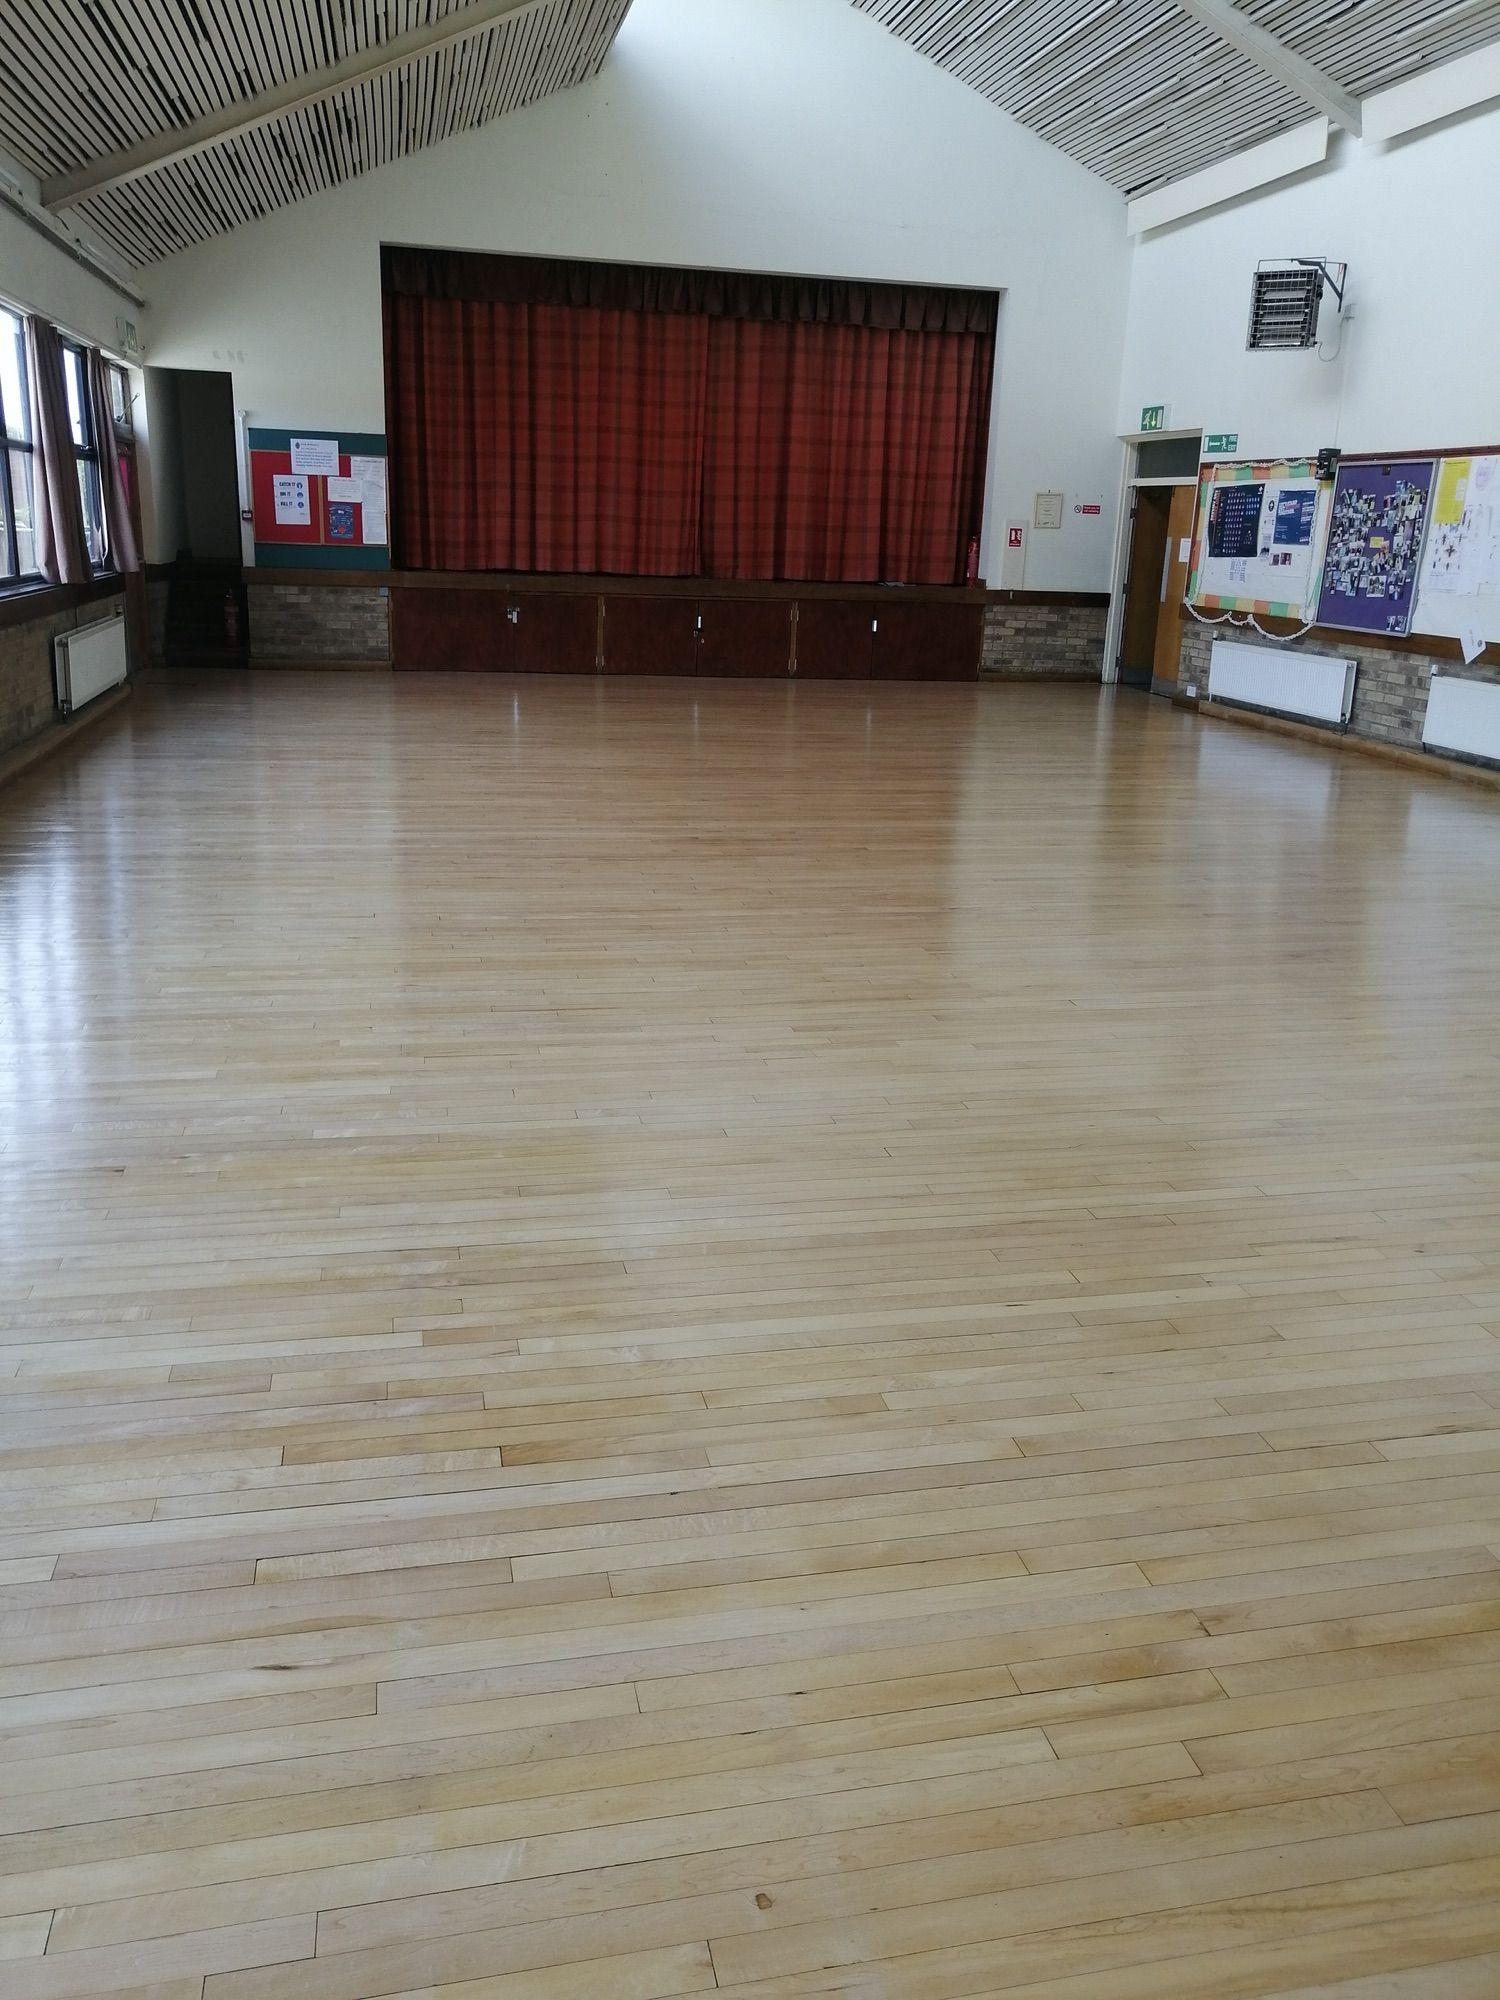 Our Church Hall